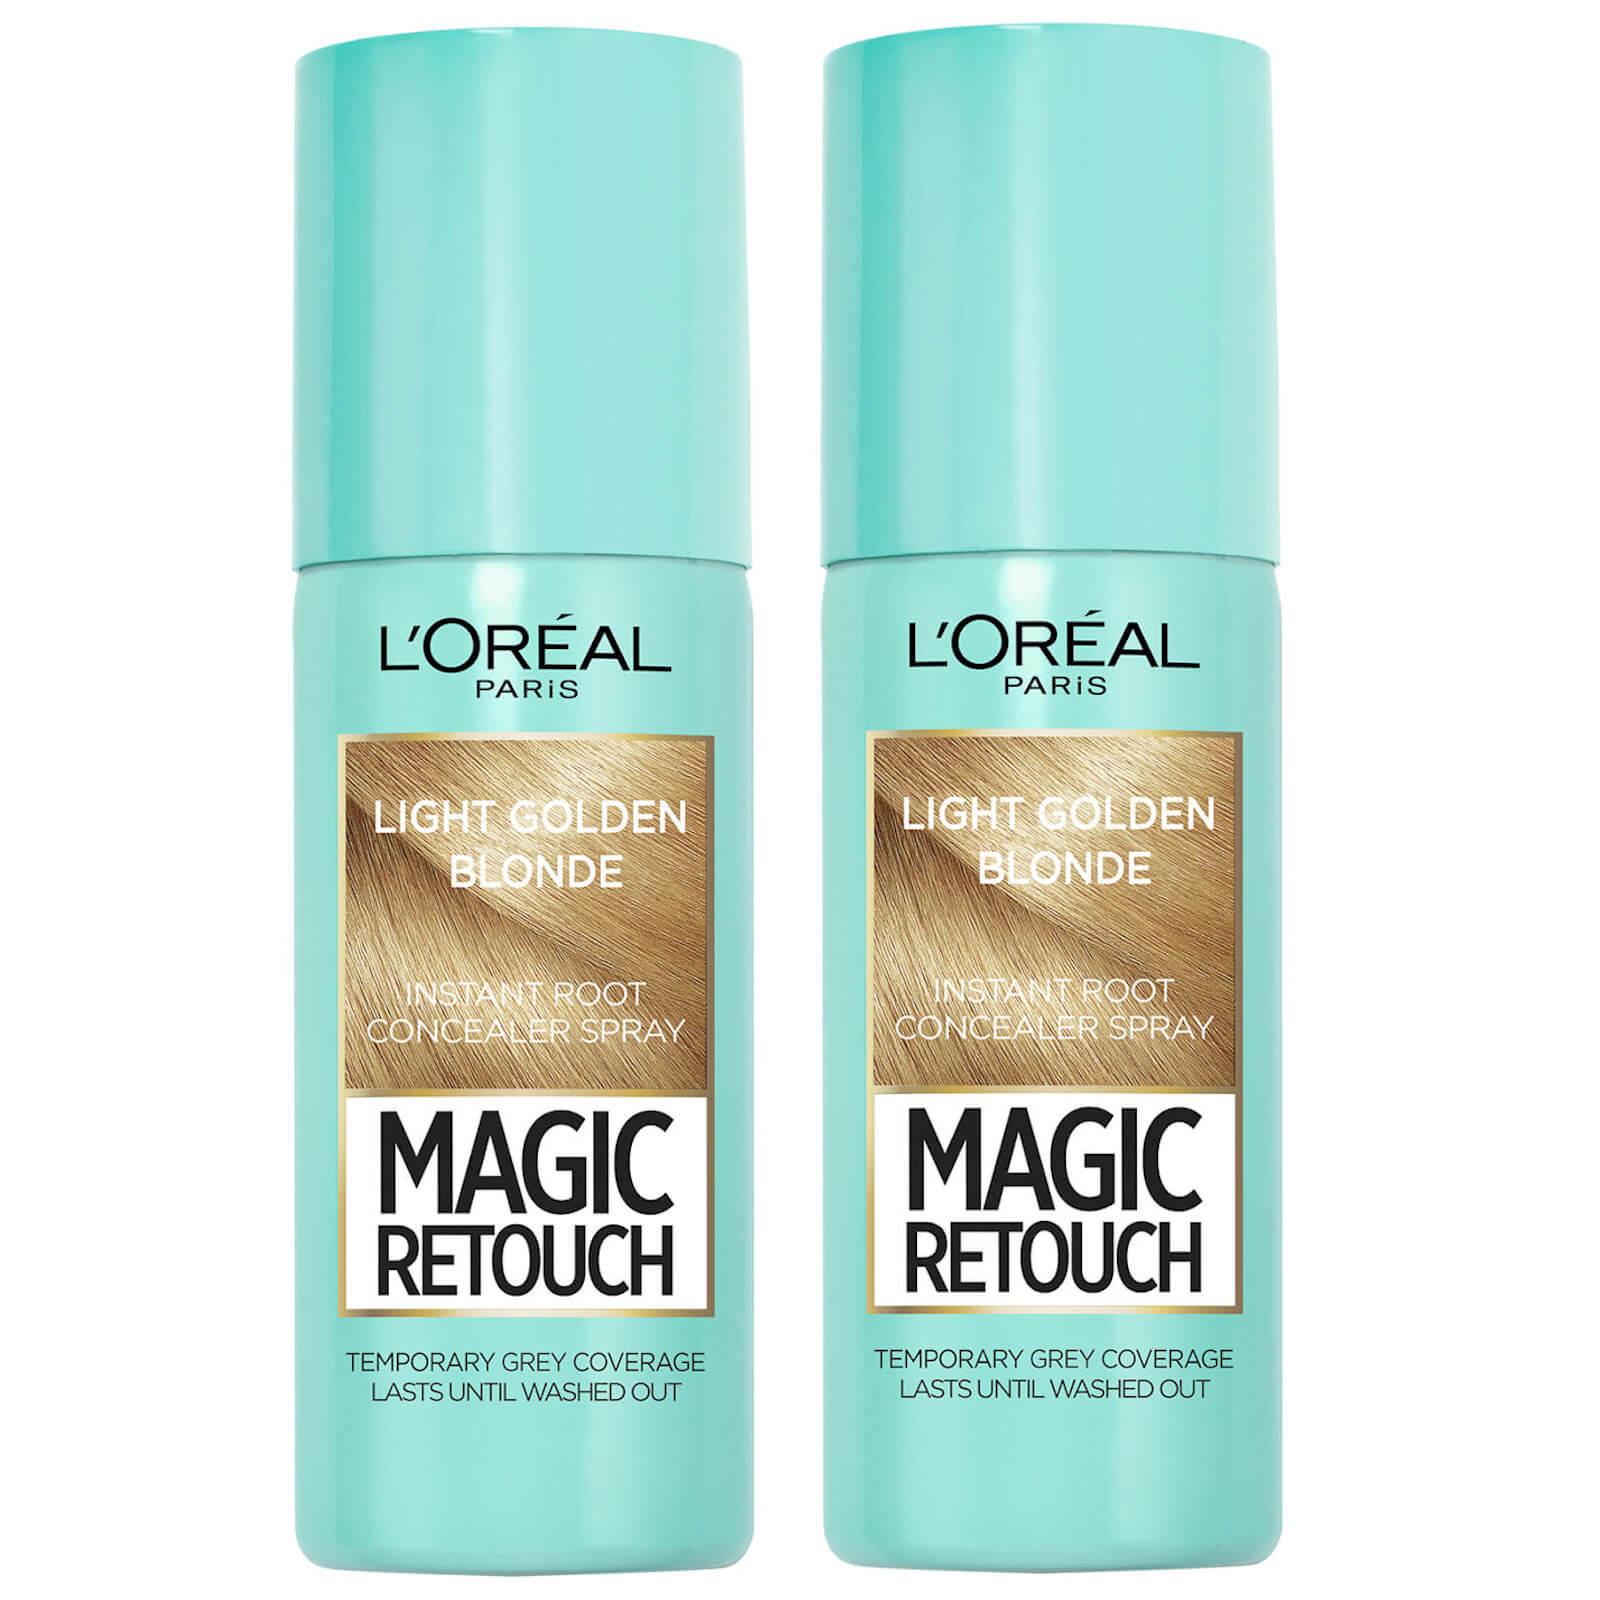 L'Oréal Paris Magic Retouch Light Golden Blonde Root Concealer Spray Duo Pack